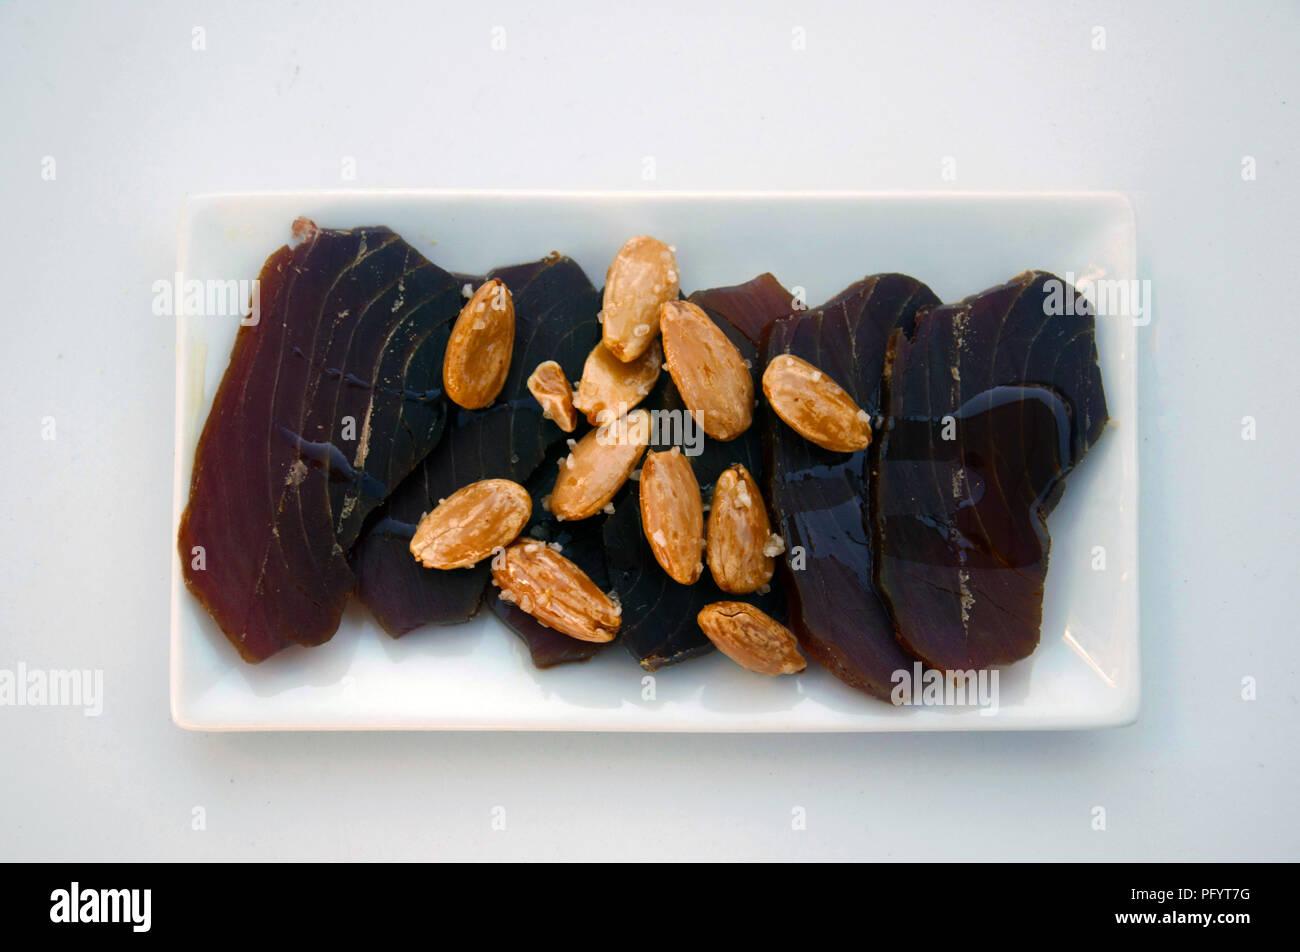 Brun Jaune Rouge, amandes et huile d'olive, l'Espagne Banque D'Images